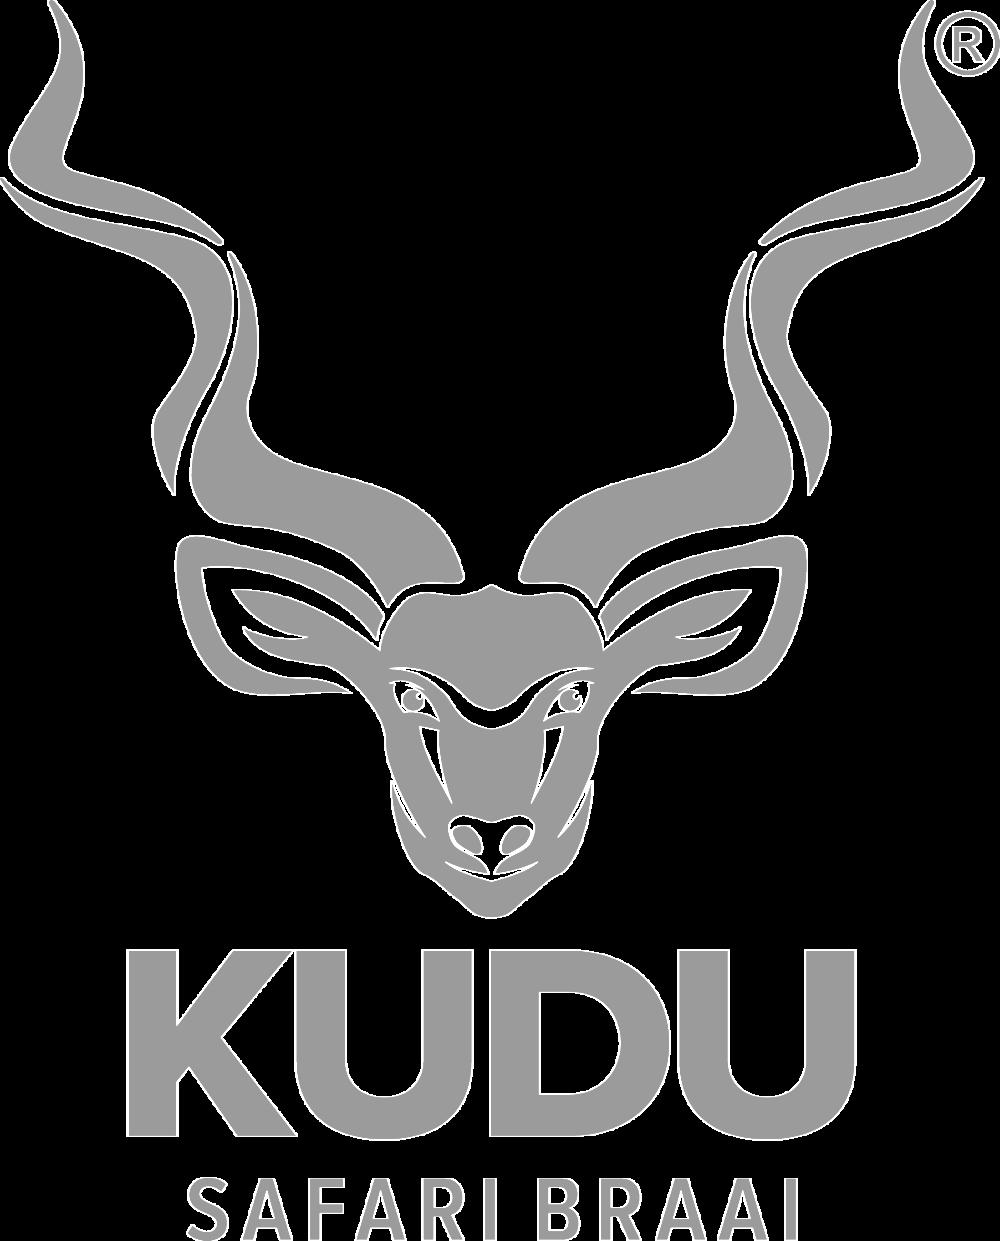 KUDU LOGO 2016-gray.png